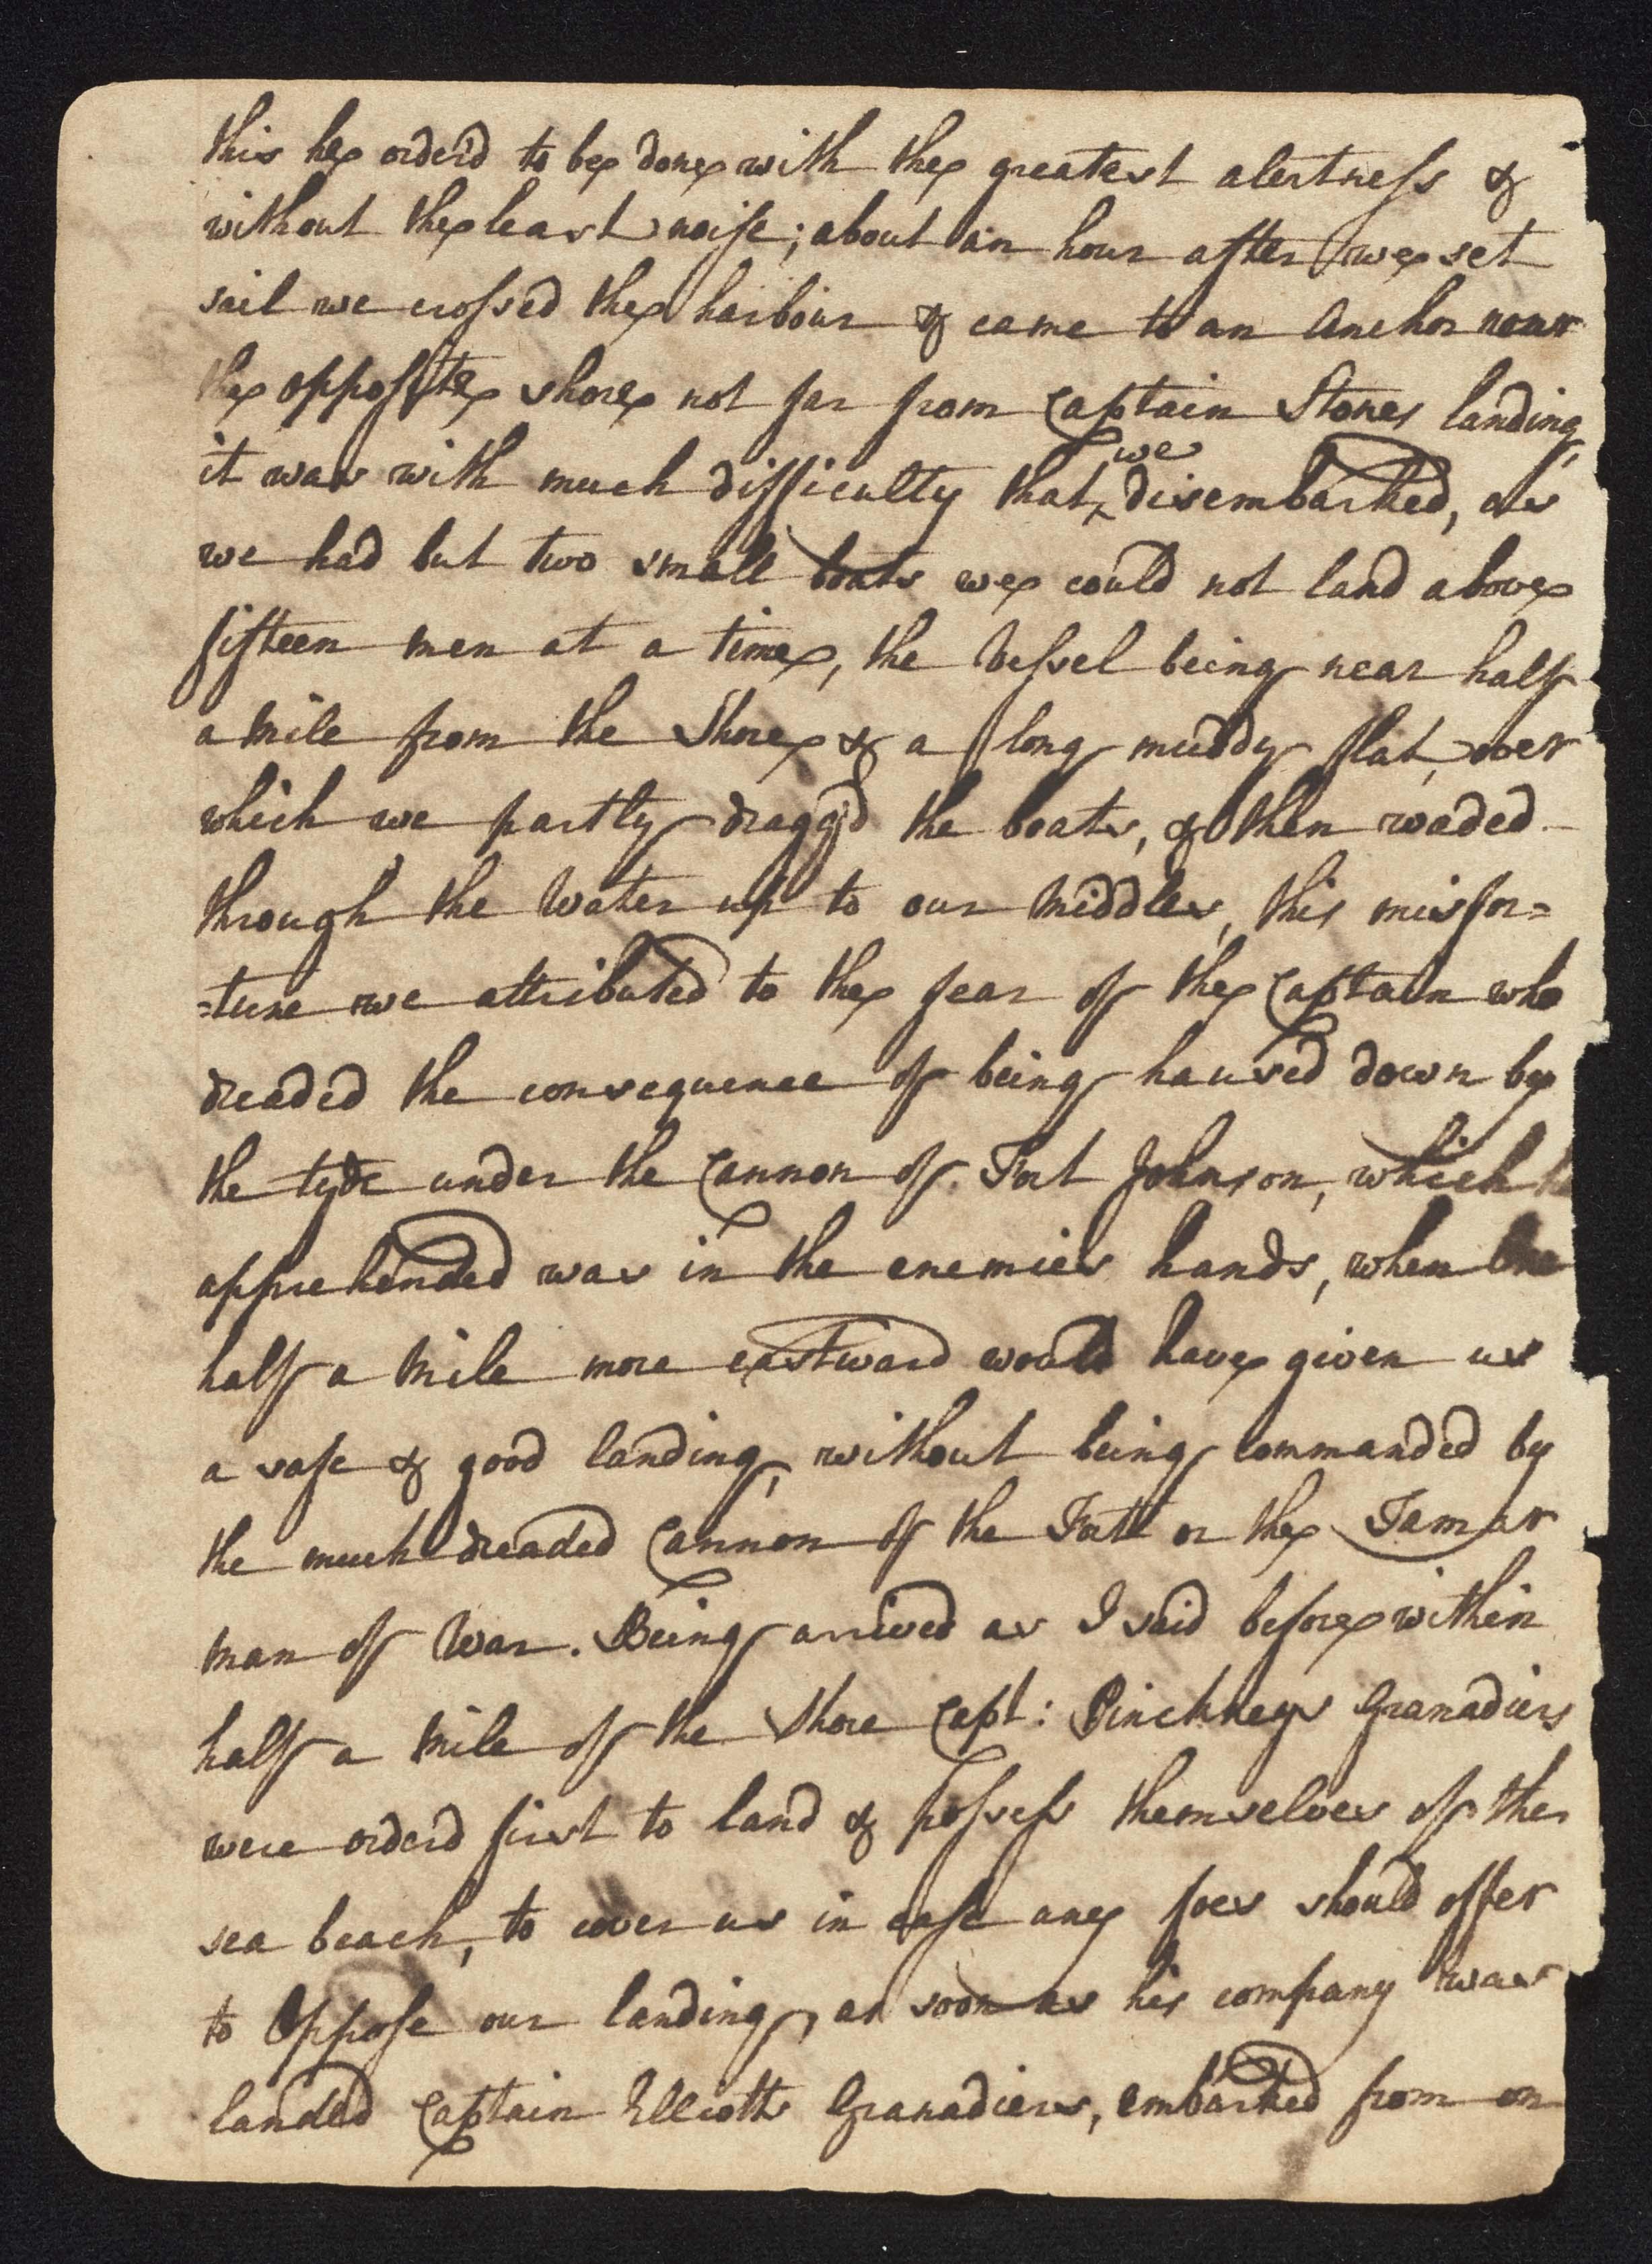 South Carolina Regiment Order Book, Page 14